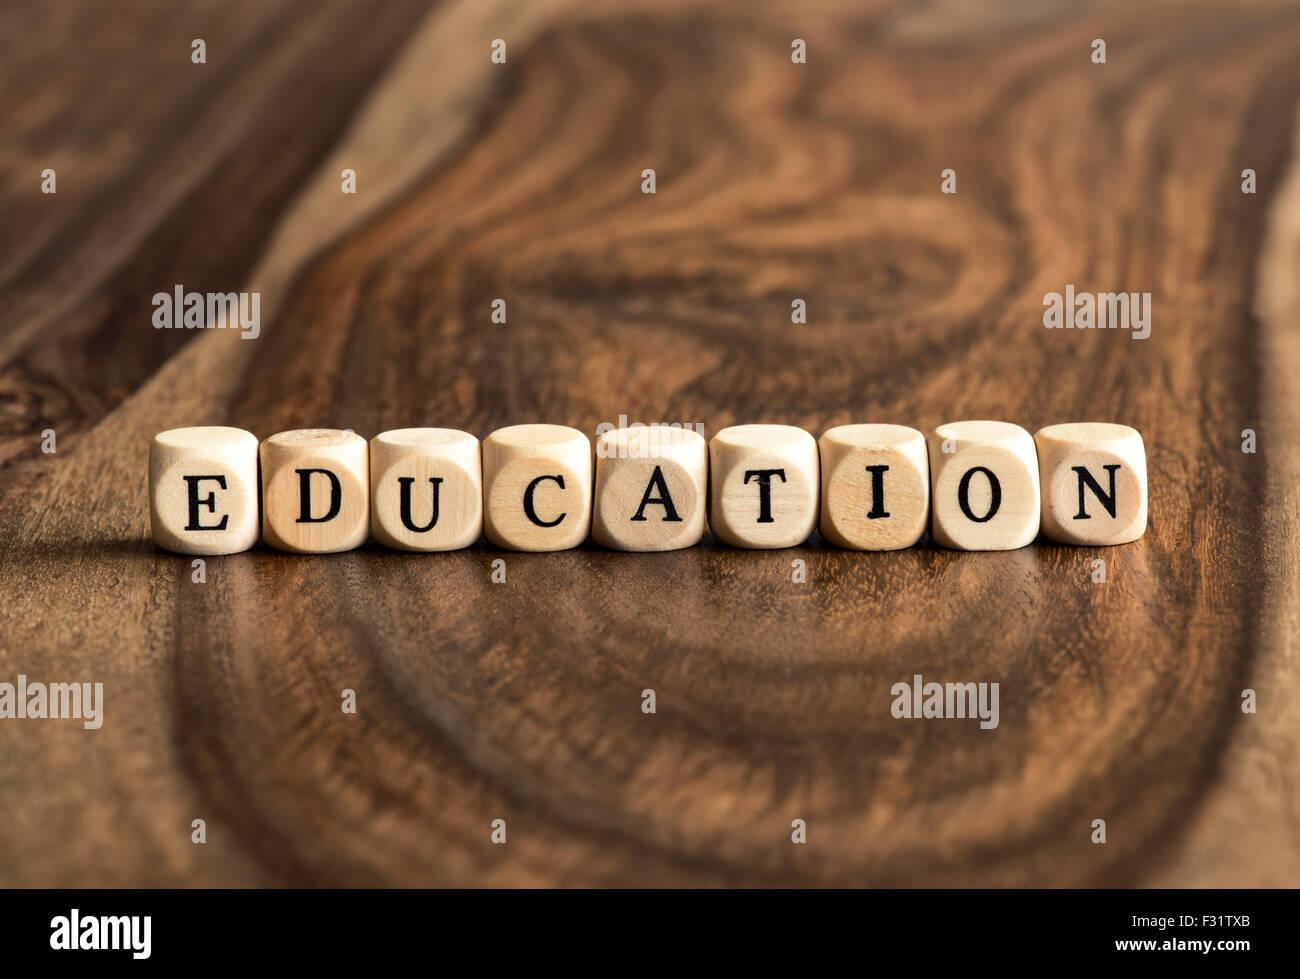 Mot de l'éducation de base sur des cales de bois Photo Stock